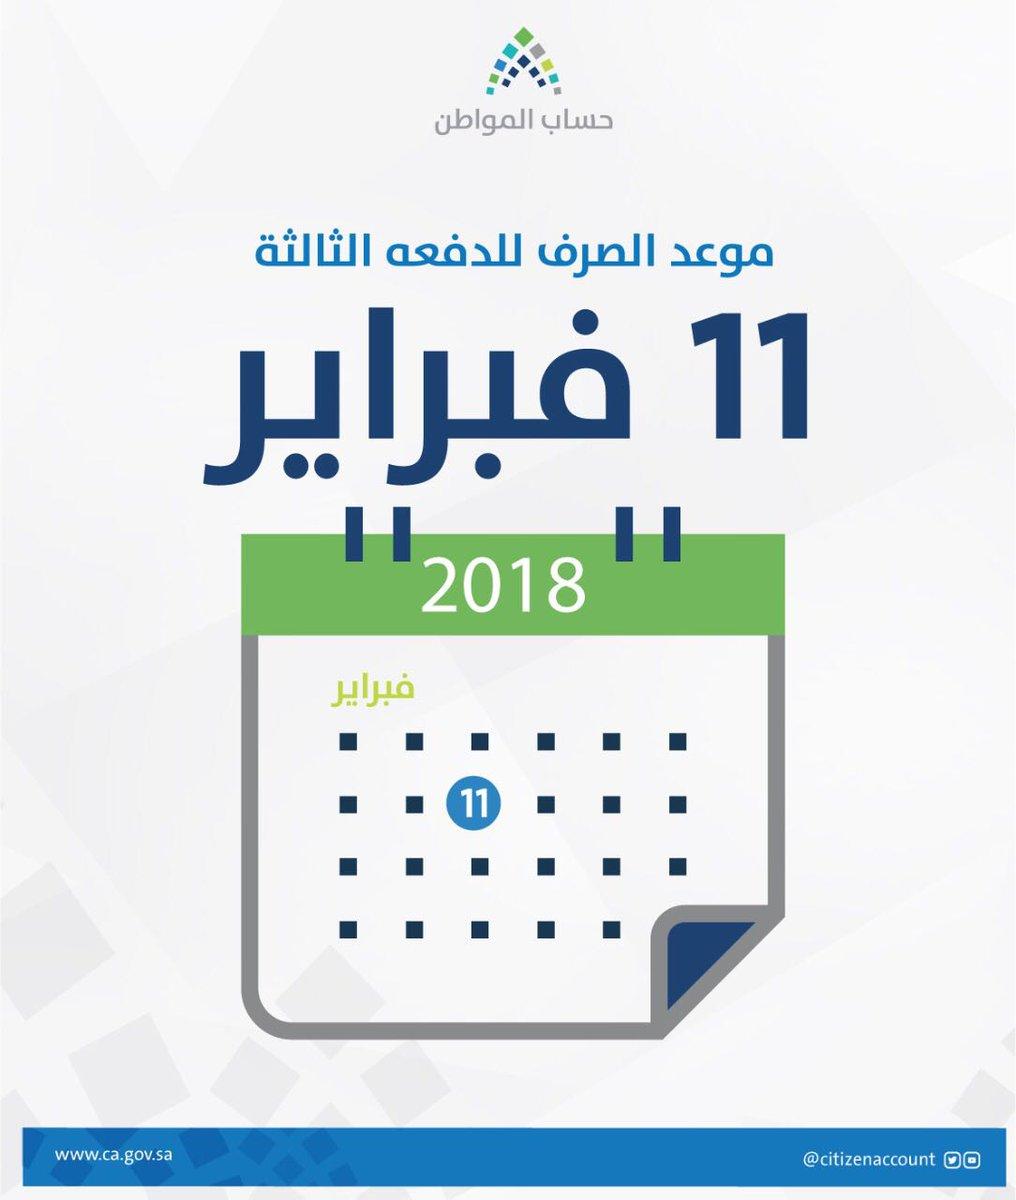 رابط الاستعلام عن مستحقي دعم ثالث دفعات حساب المواطن ca.gov.sa 2 13/2/2018 - 2:20 ص